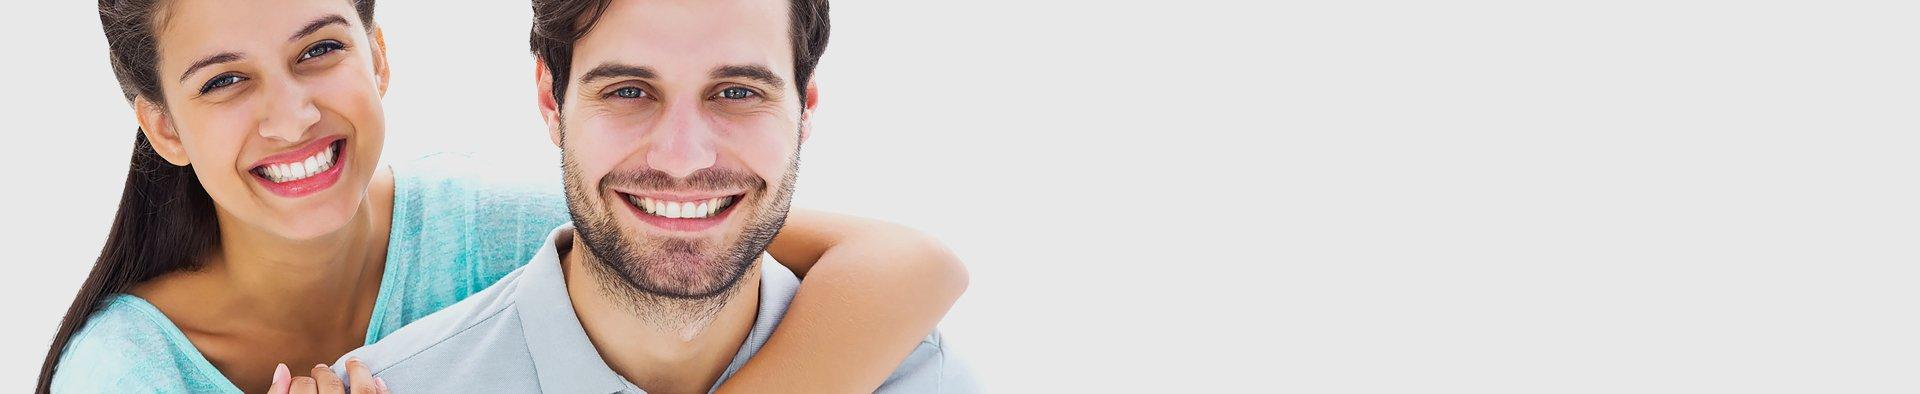 Tannlege Nesodden - Dentix Tannhelse AS